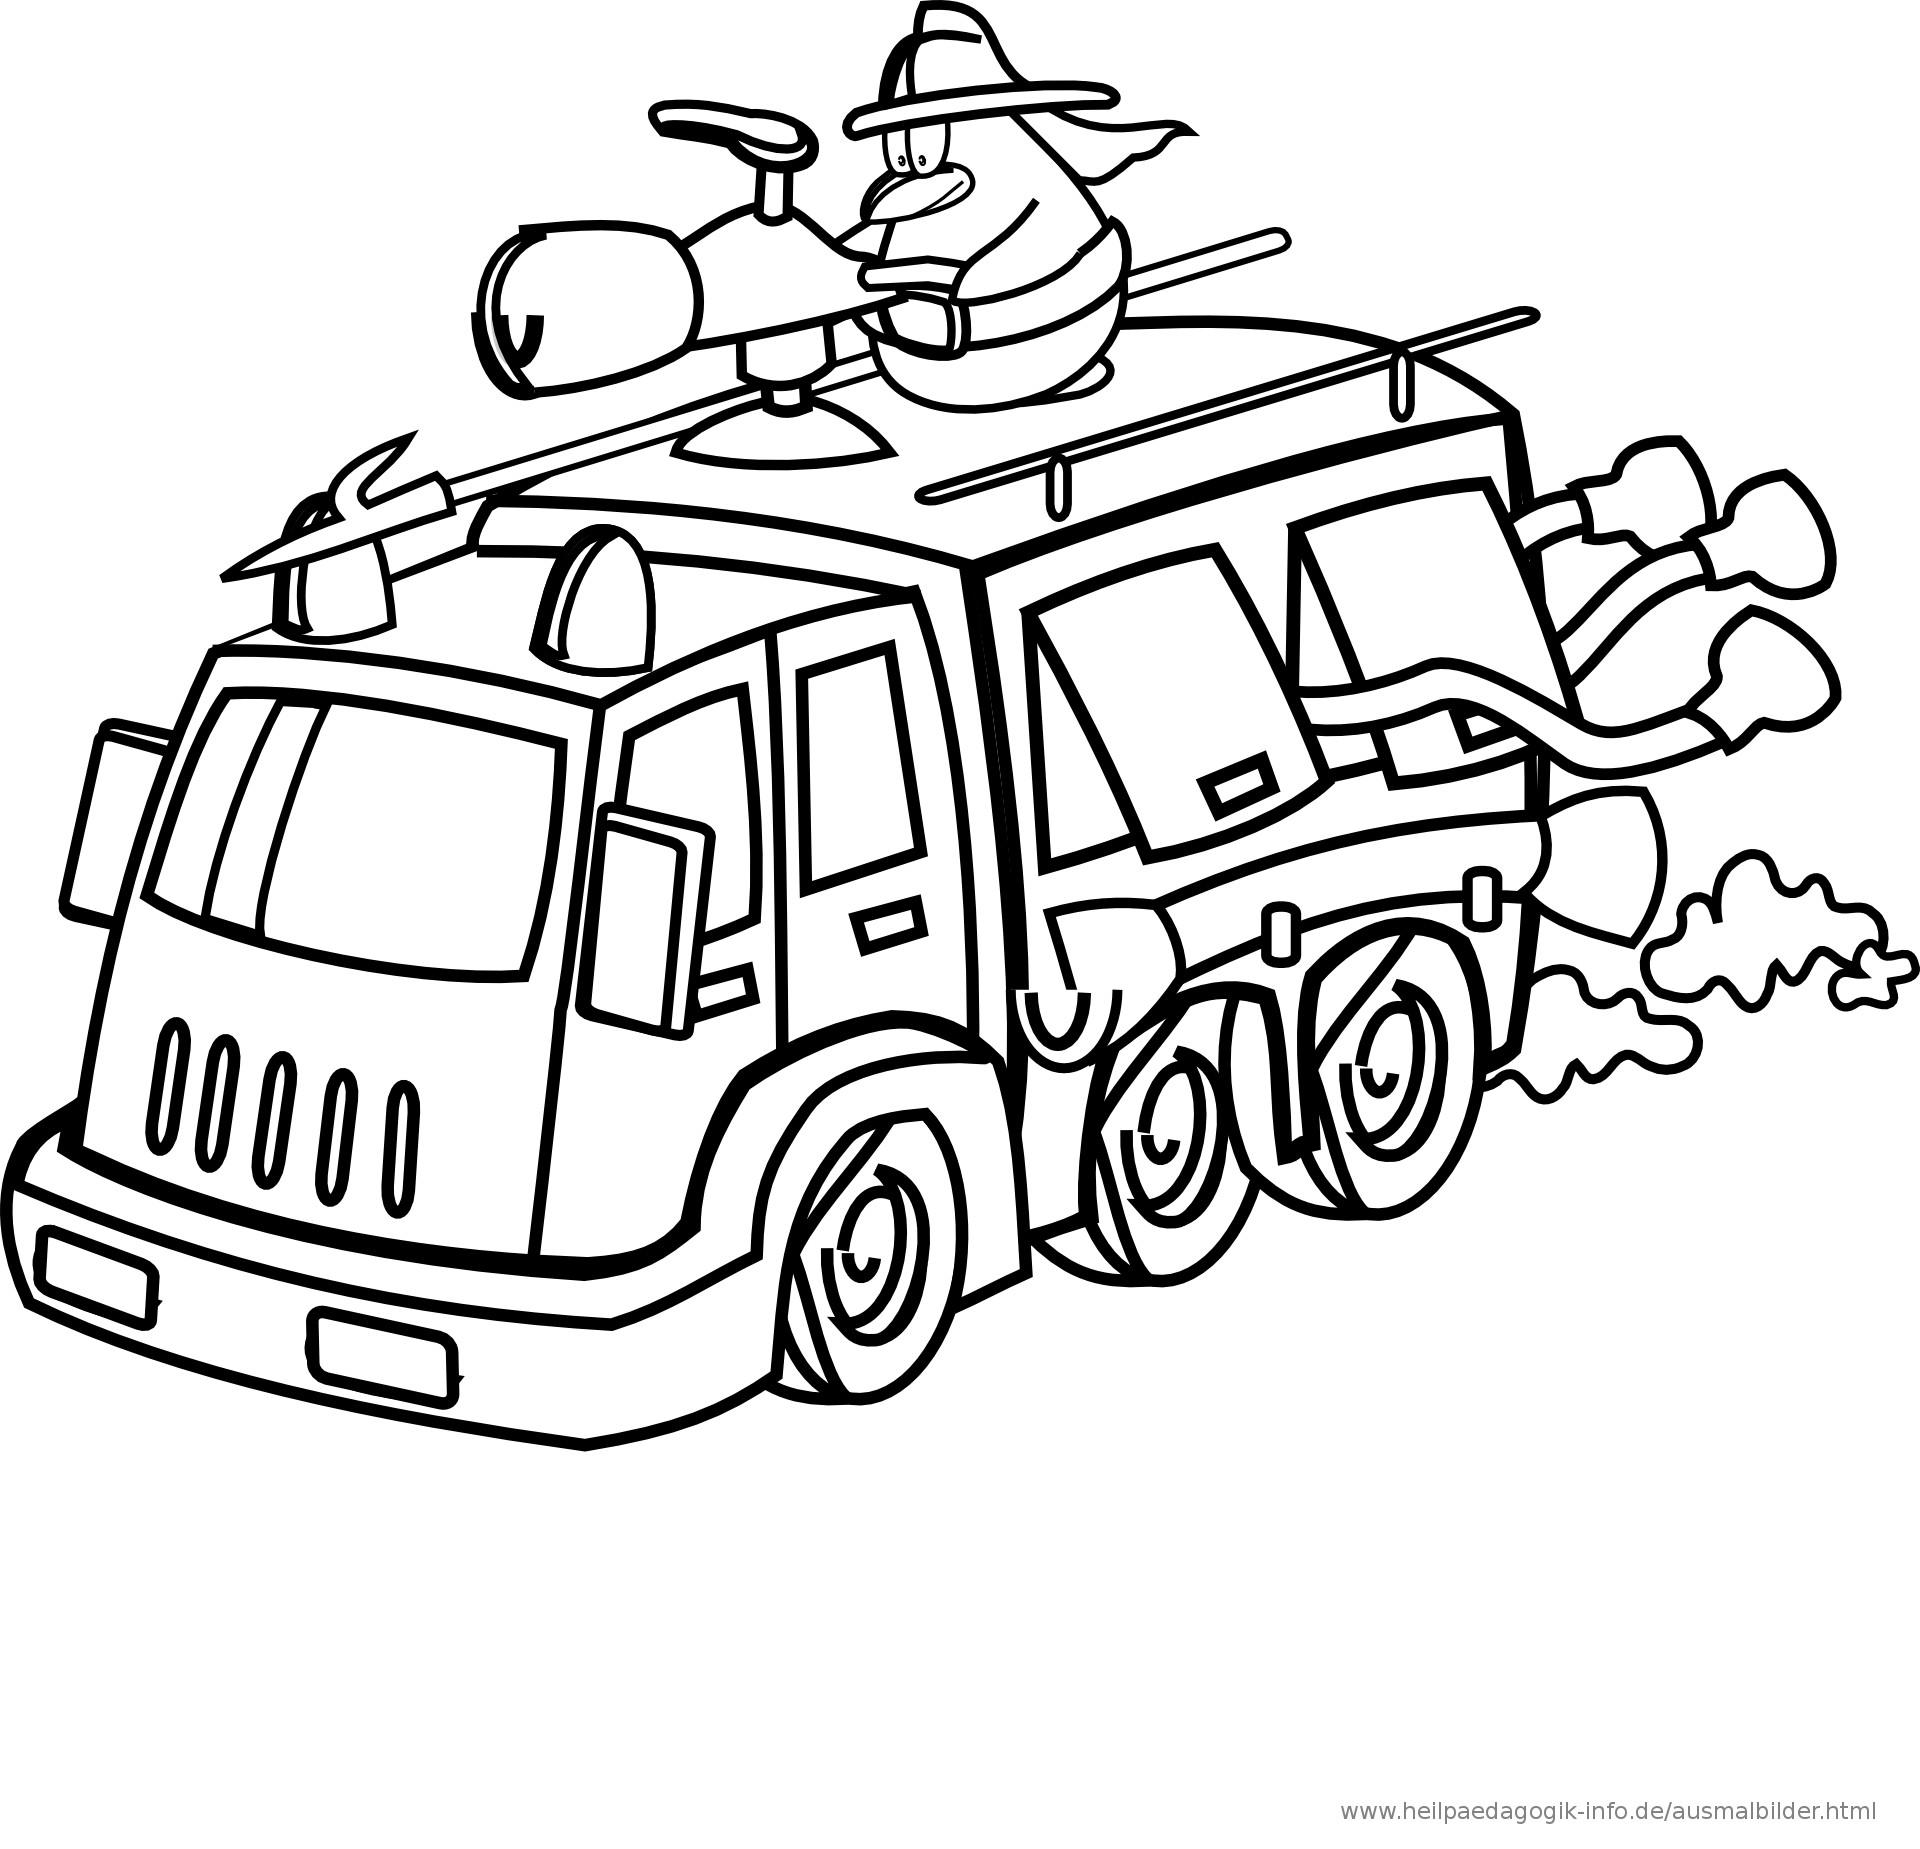 Ausmalbilder Feuerwehrauto  Ausmalbilder Feuerwehr Krankenwagen Polizei